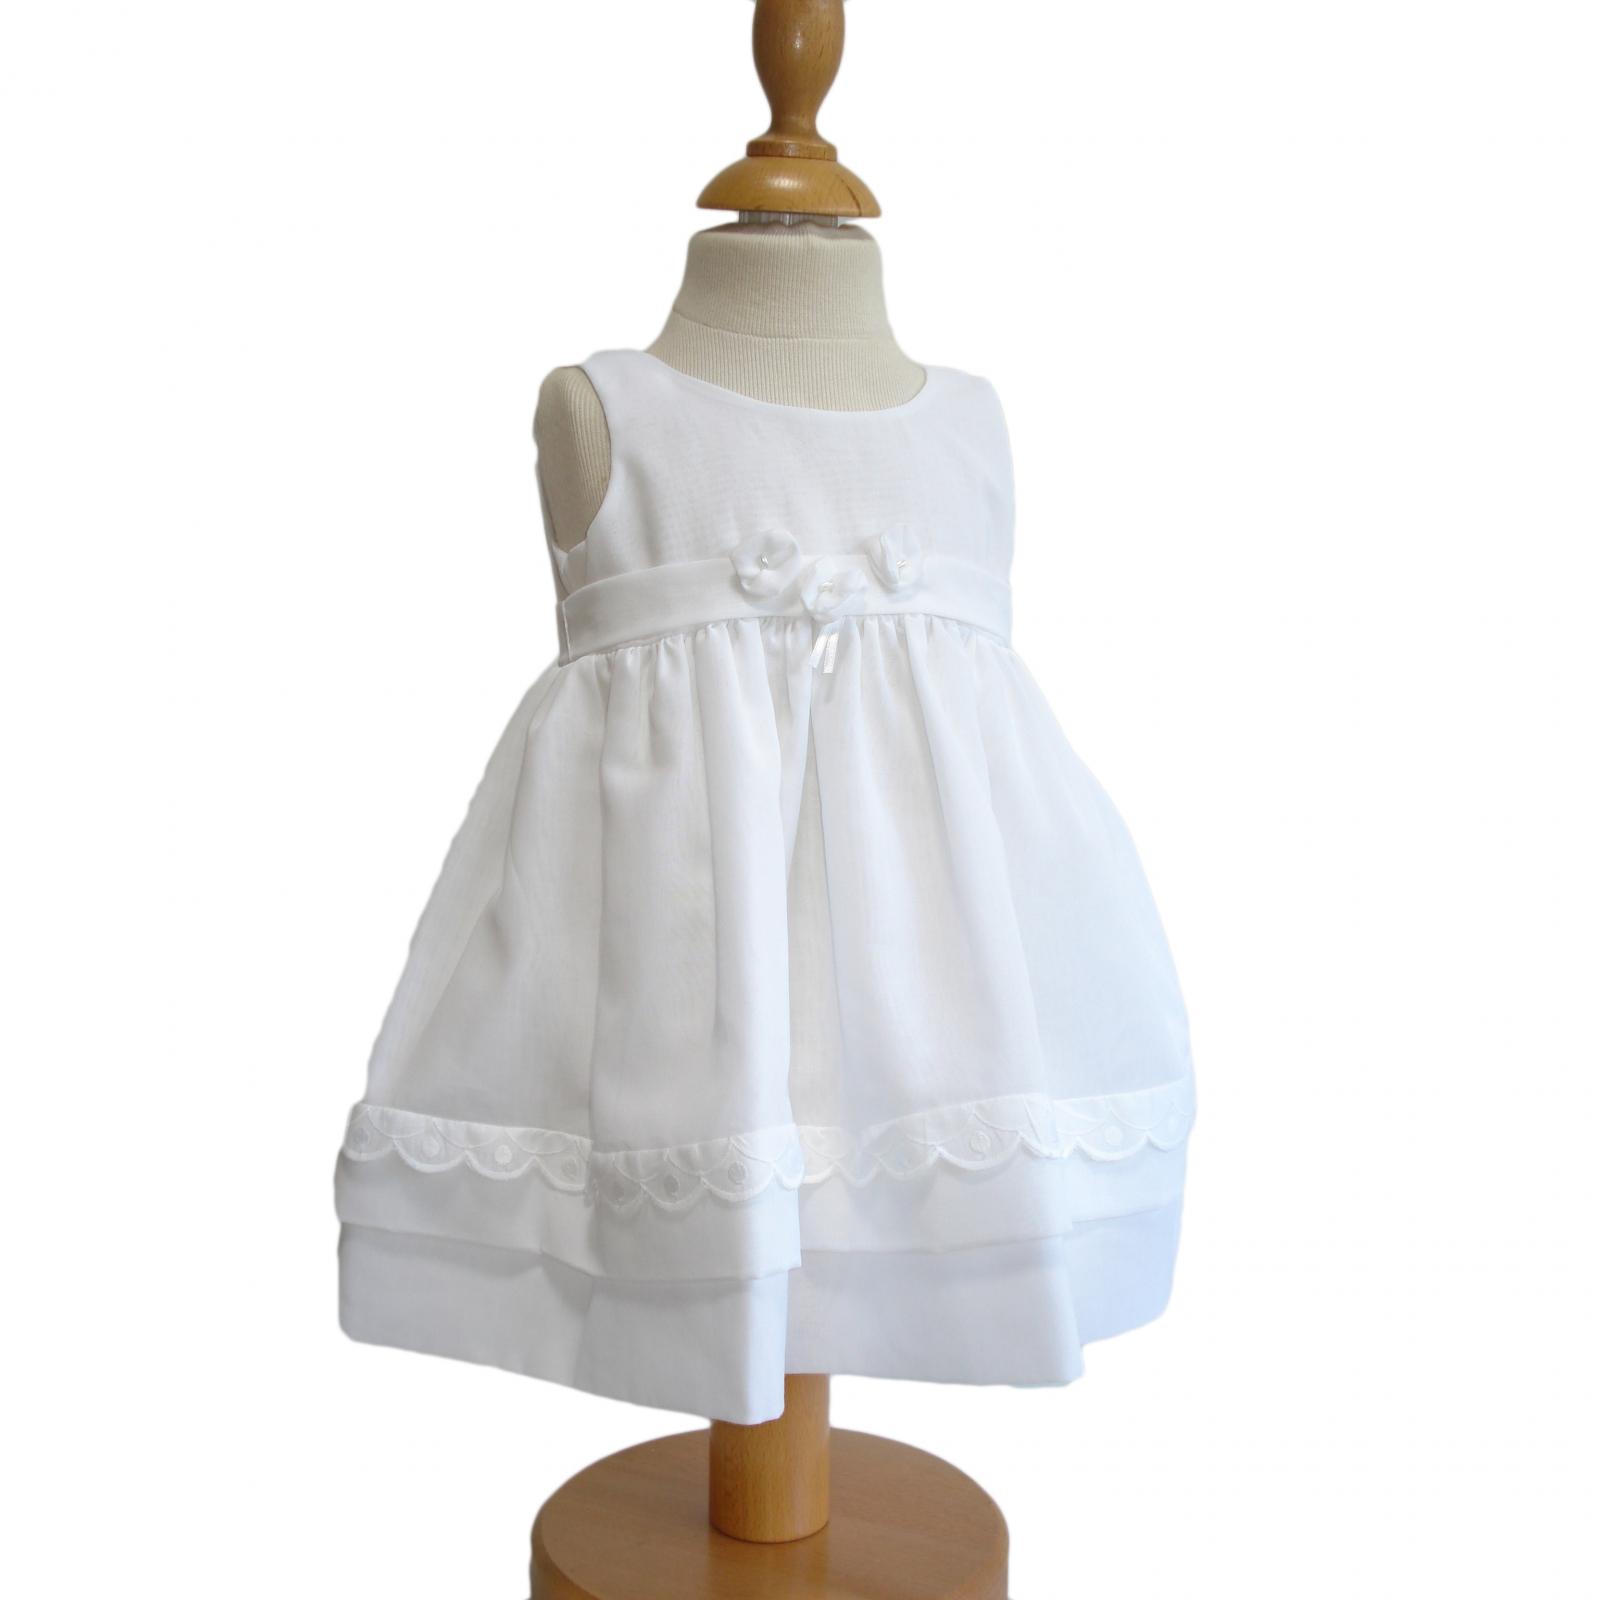 Robe blanche 24 mois